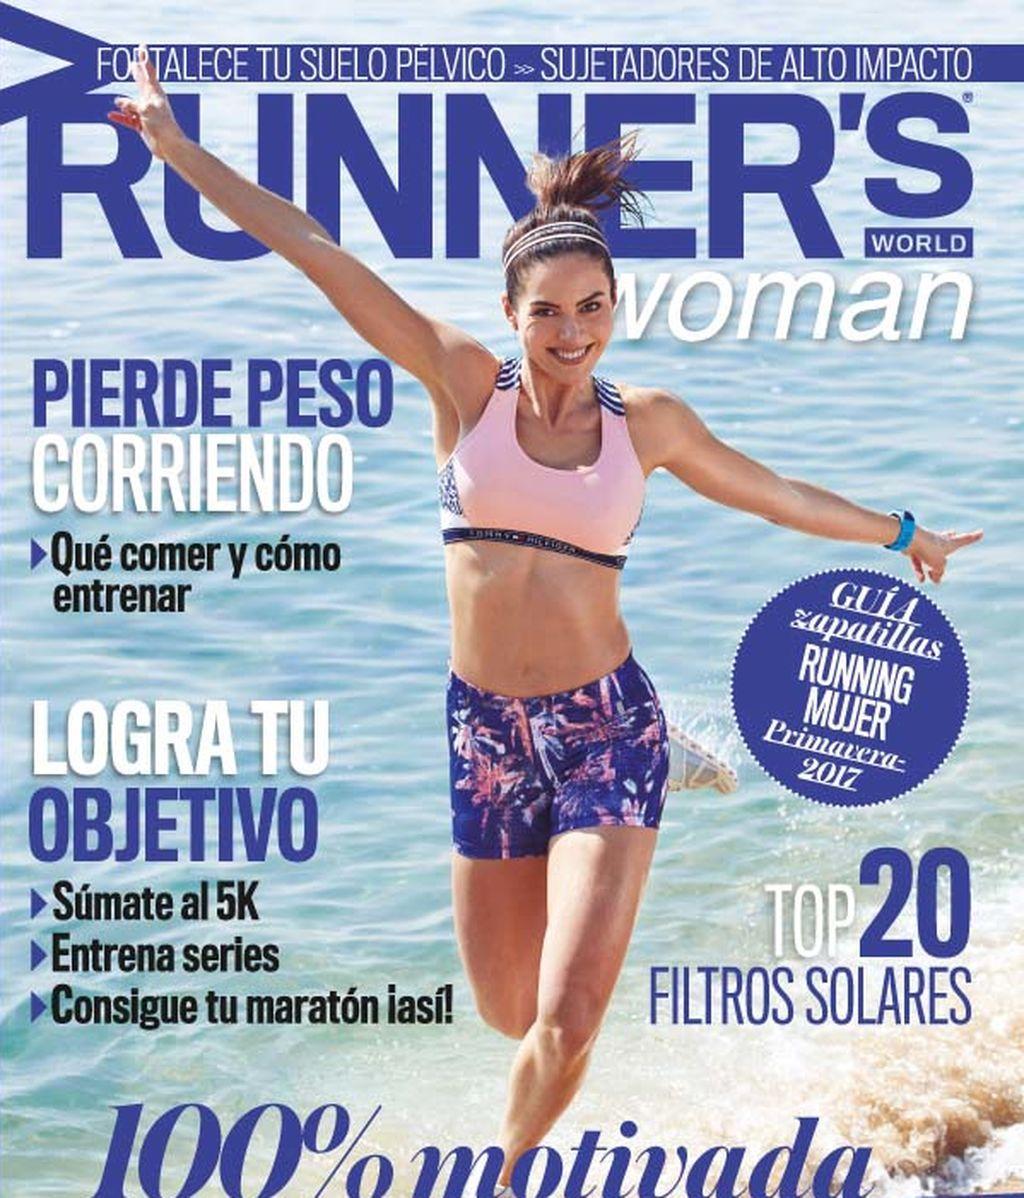 Hipopresivos, coach nutricional o cómo aprovechar tu ciclo menstrual: Mónica Martínez lo cuenta en 'Runner´s World Woman'